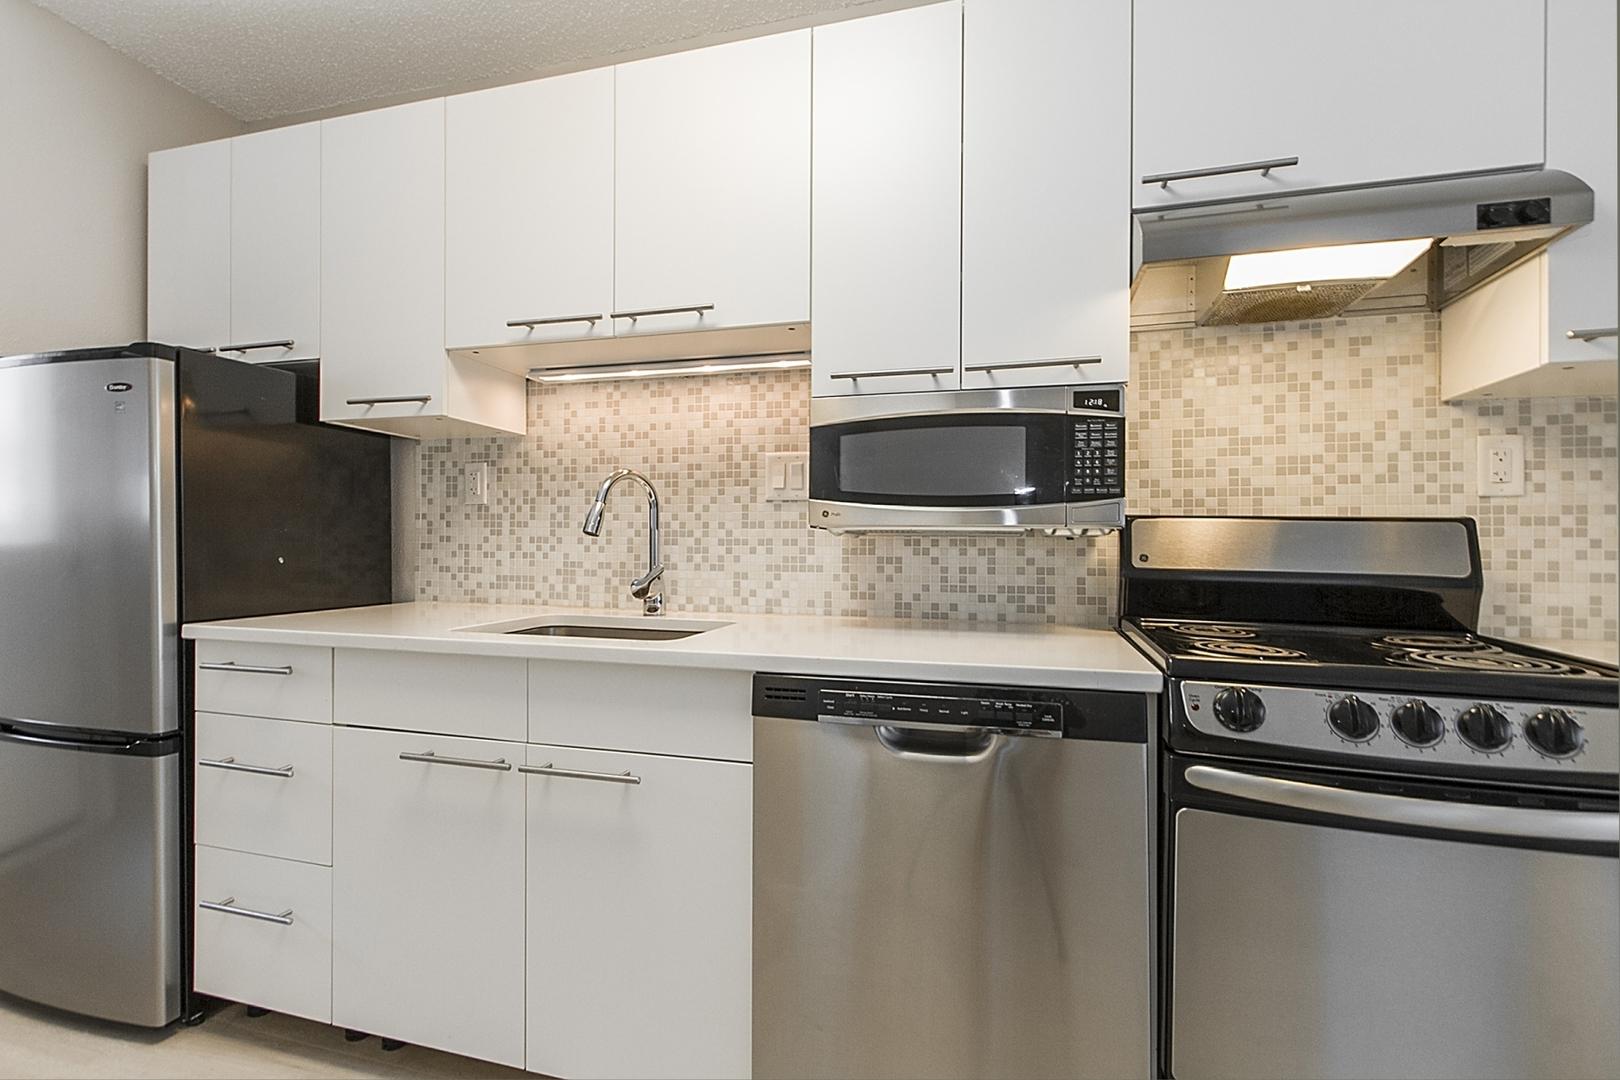 Central Boulder 1 Bedroom Rental At 2037 Walnut St 4